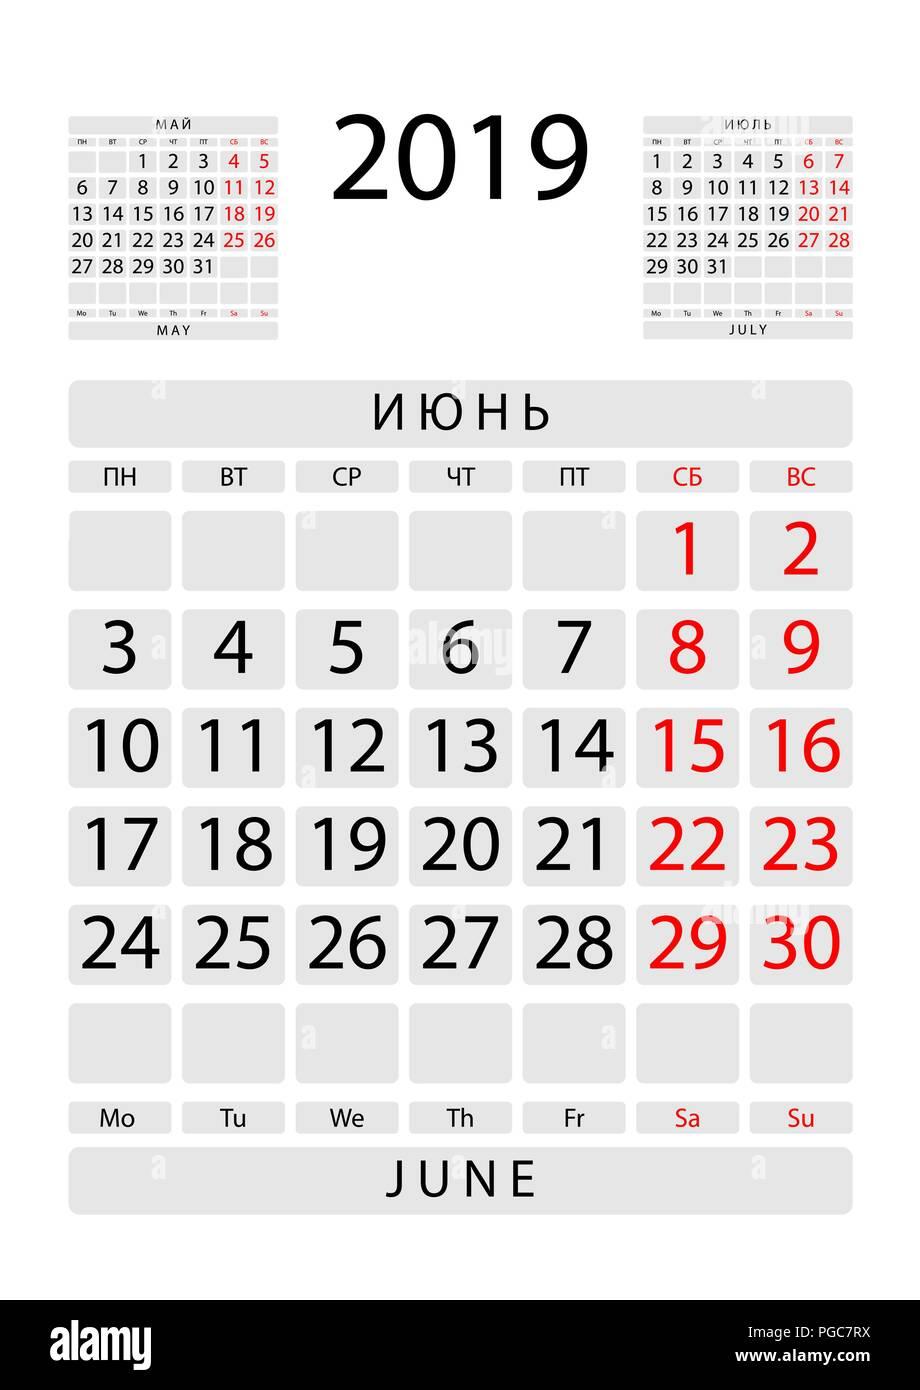 Calendario Di Giugno.Foglio Di Calendario Per Il Mese Di Giugno 2019 Con I Mesi